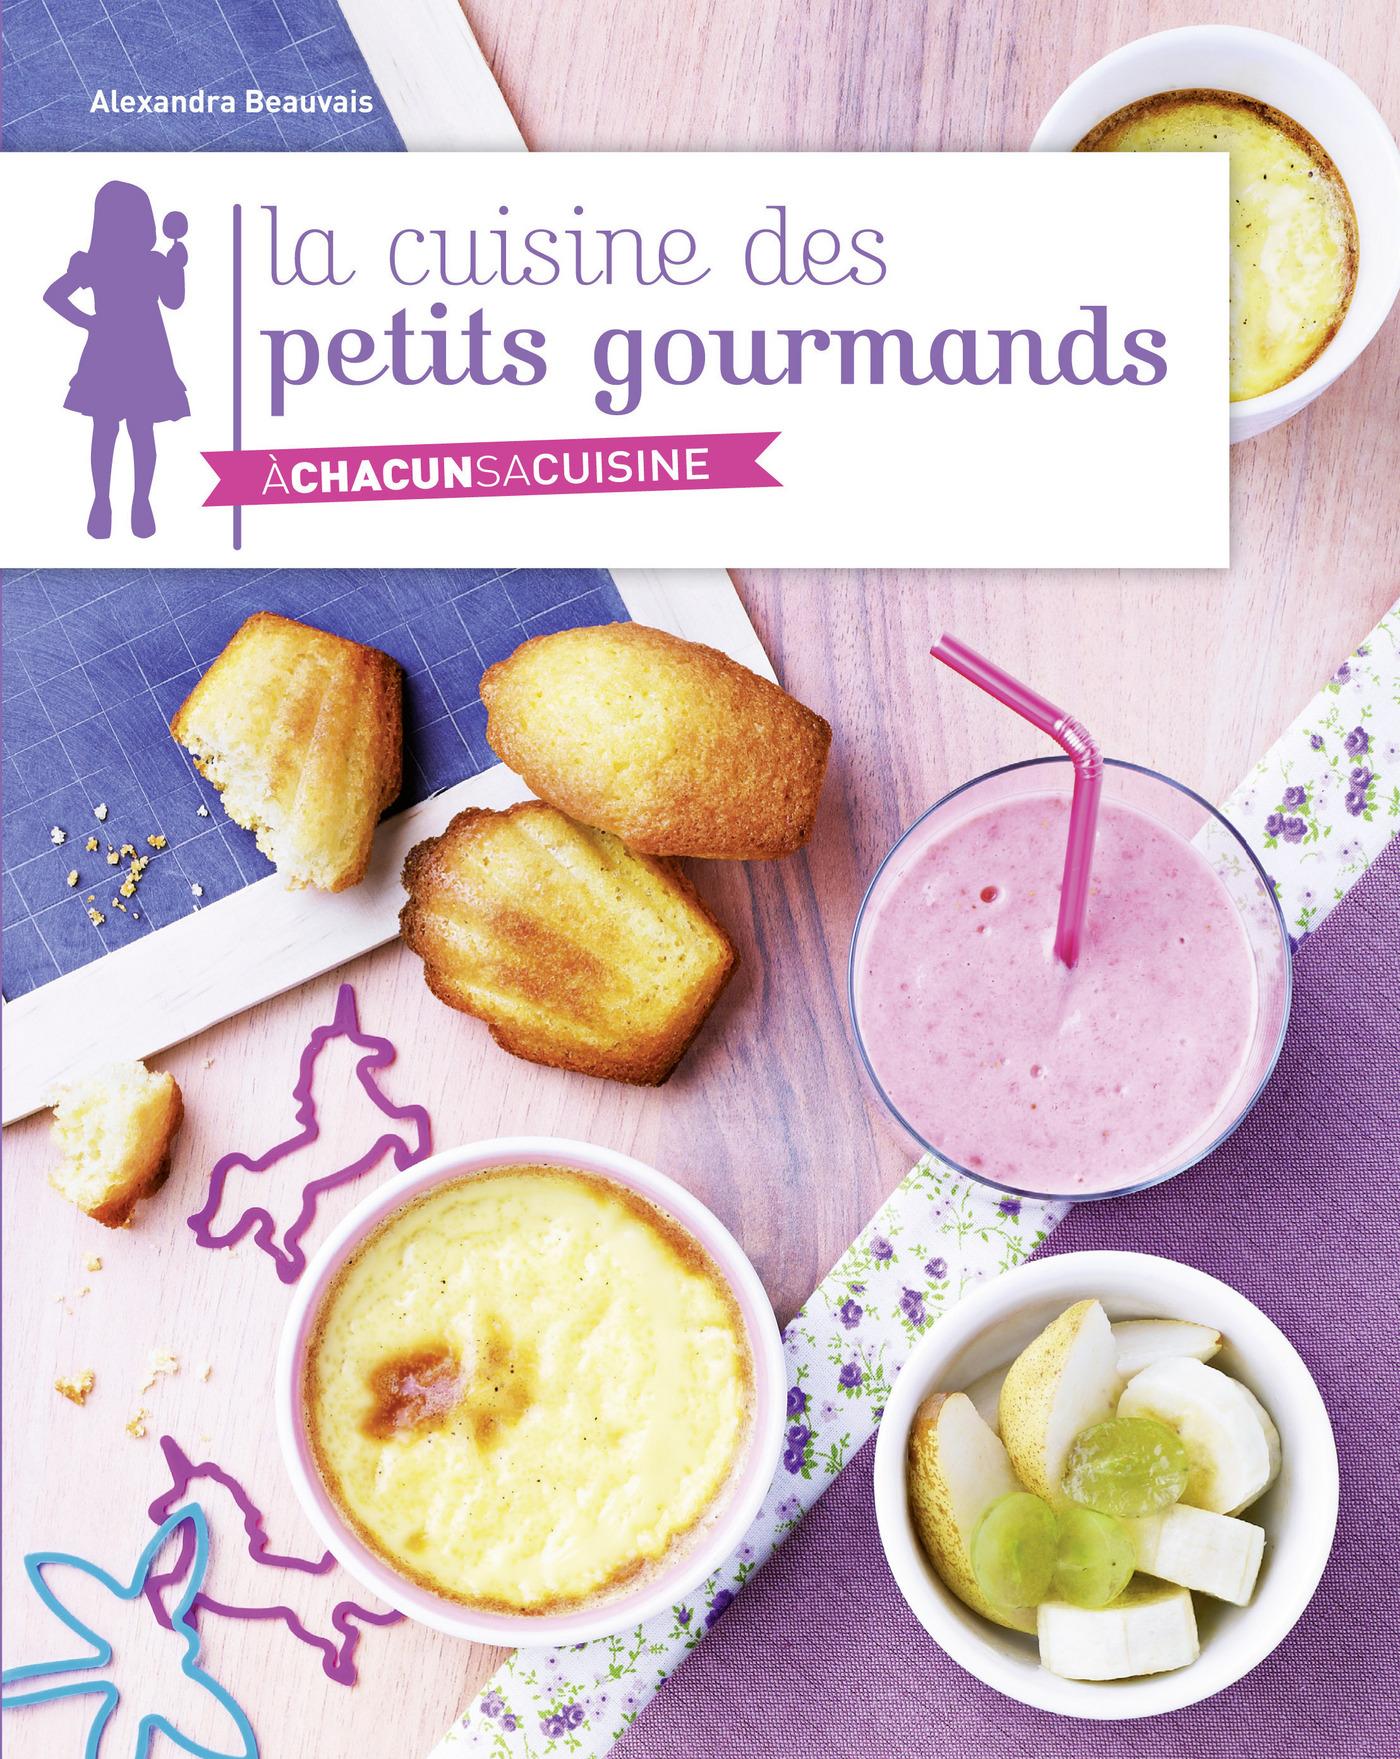 La cuisine des petits gourmands (ebook)